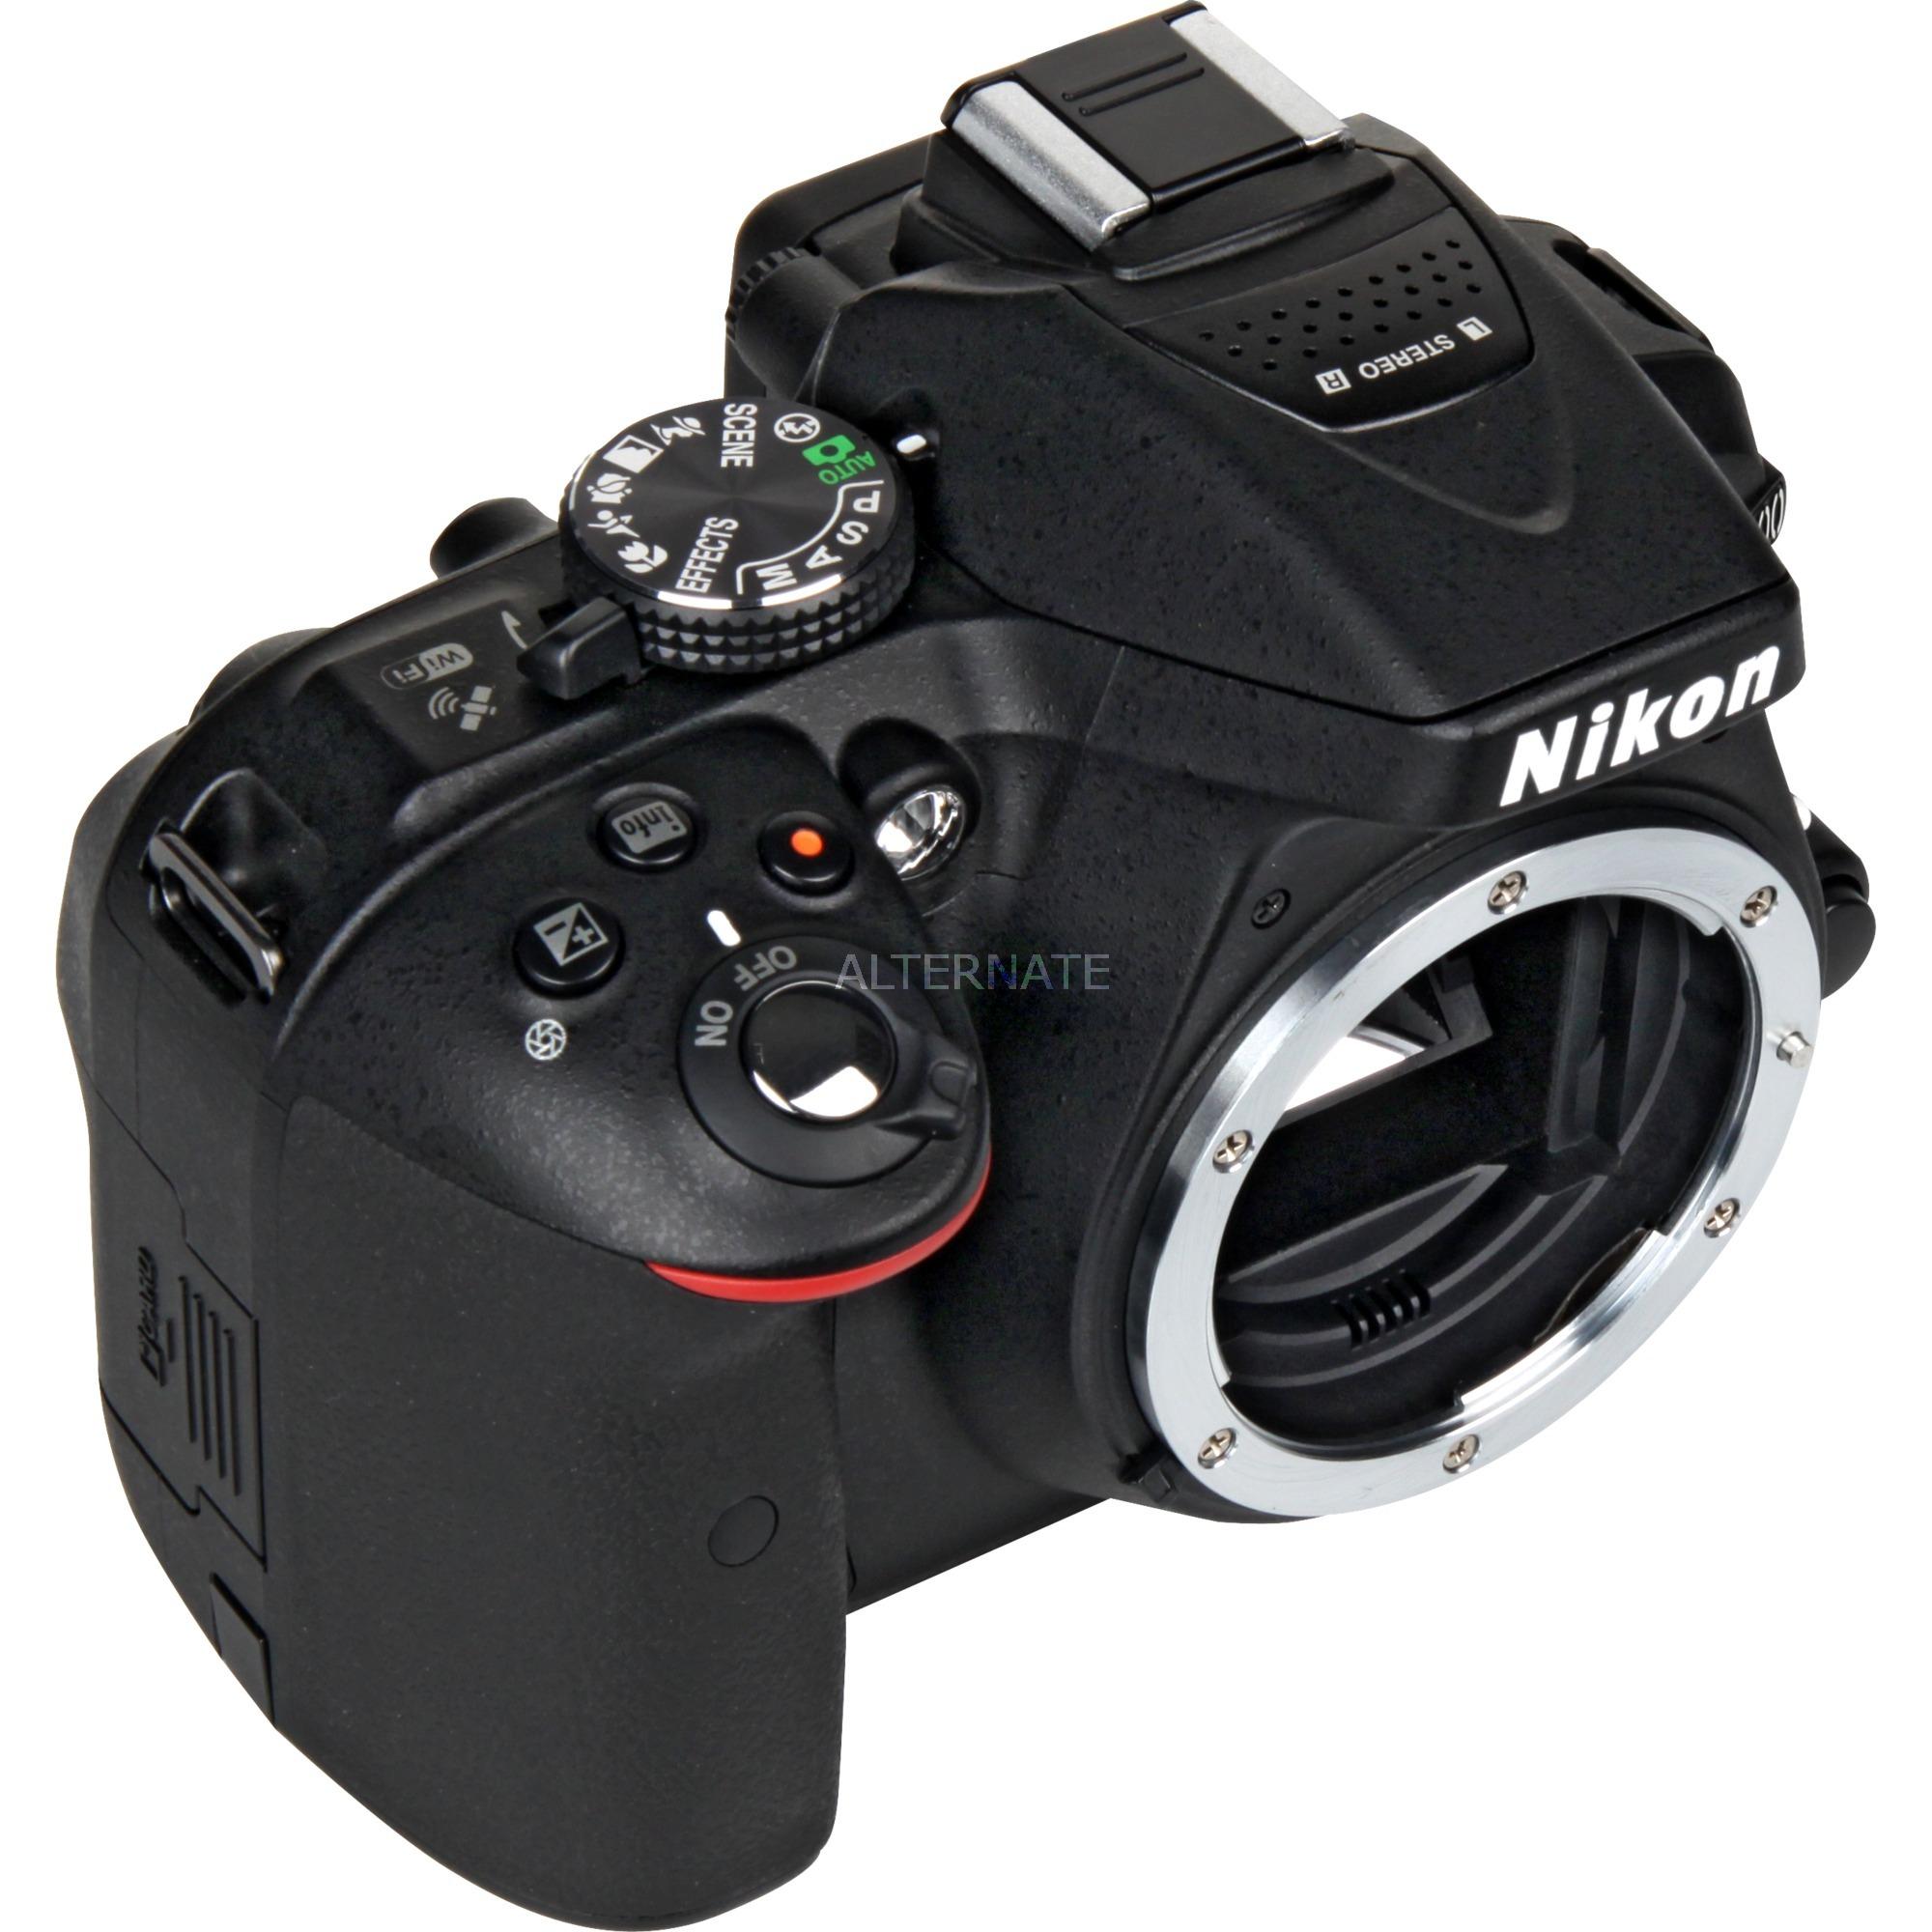 D5300 Boîtier d'appareil-photo SLR 24.2MP CMOS 6000 x 4000pixels Noir, Appareil photo numérique